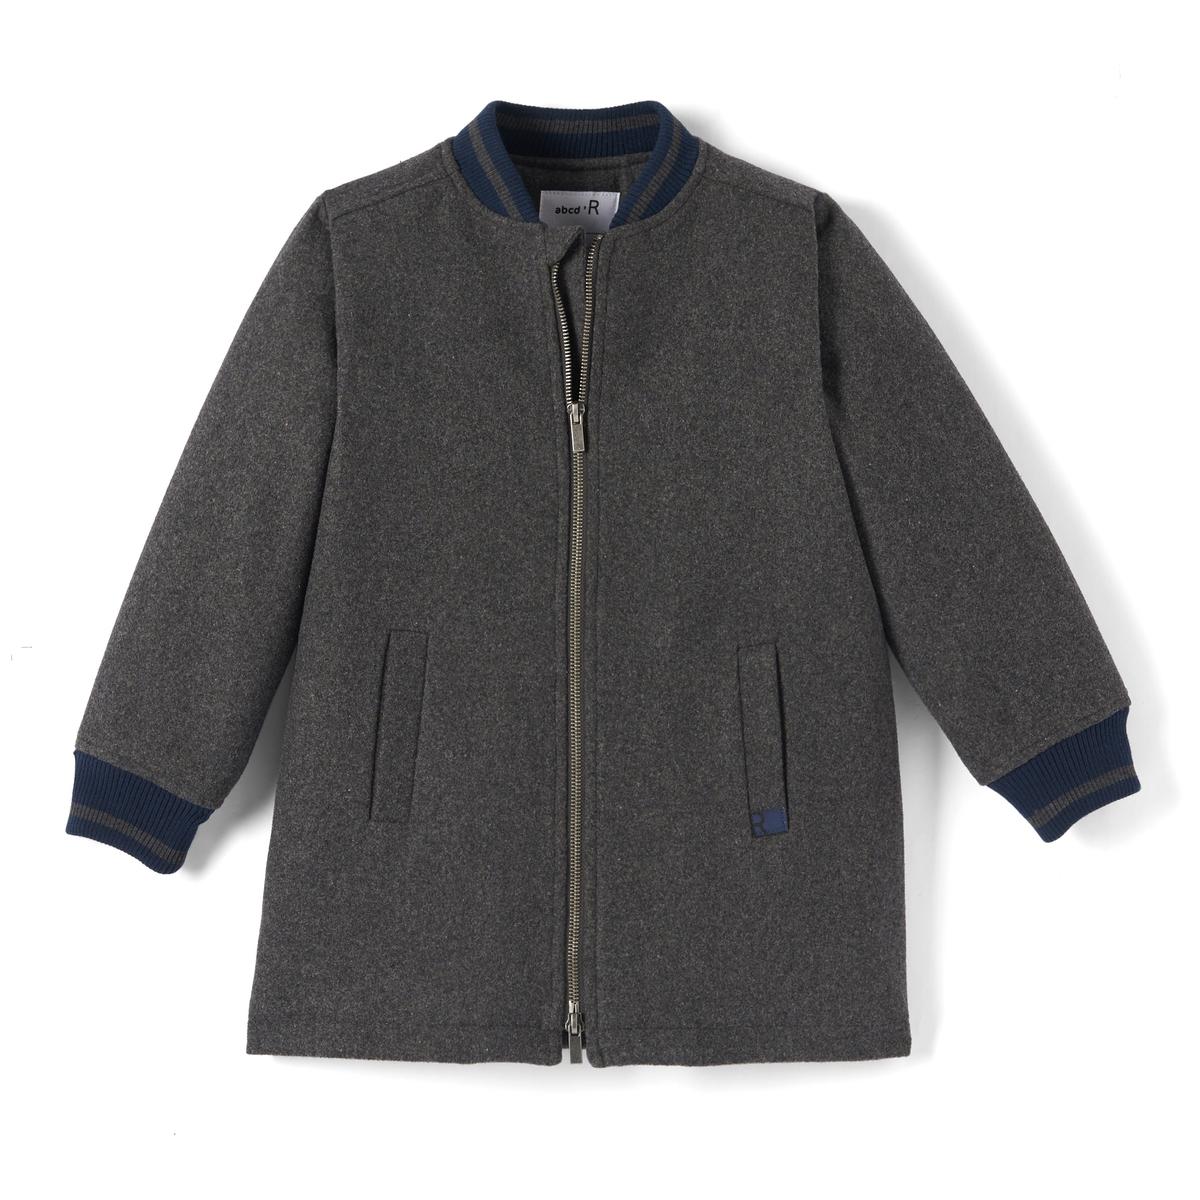 Блузон тедди удлиненный из шерстяного драпа  3-12 лет блузон с капюшоном в стиле тедди 3 12 лет